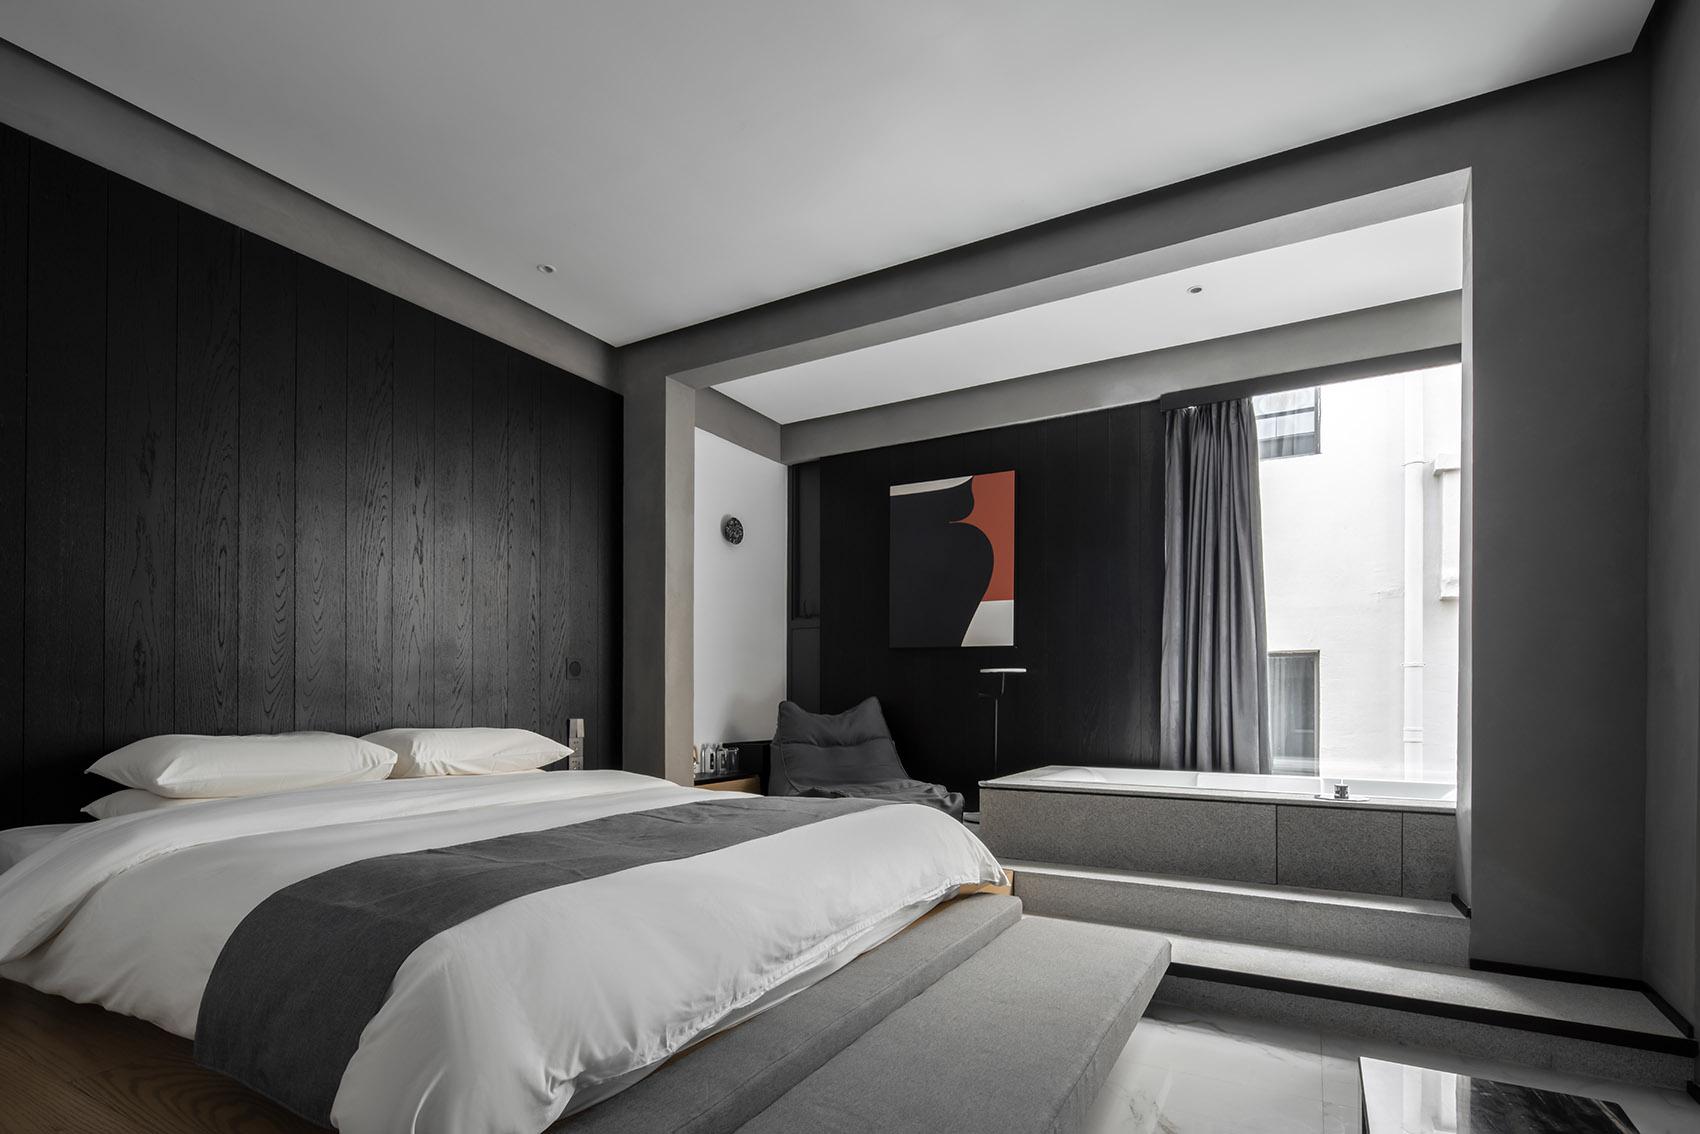 反正餐厅+取舍行旅酒店改造